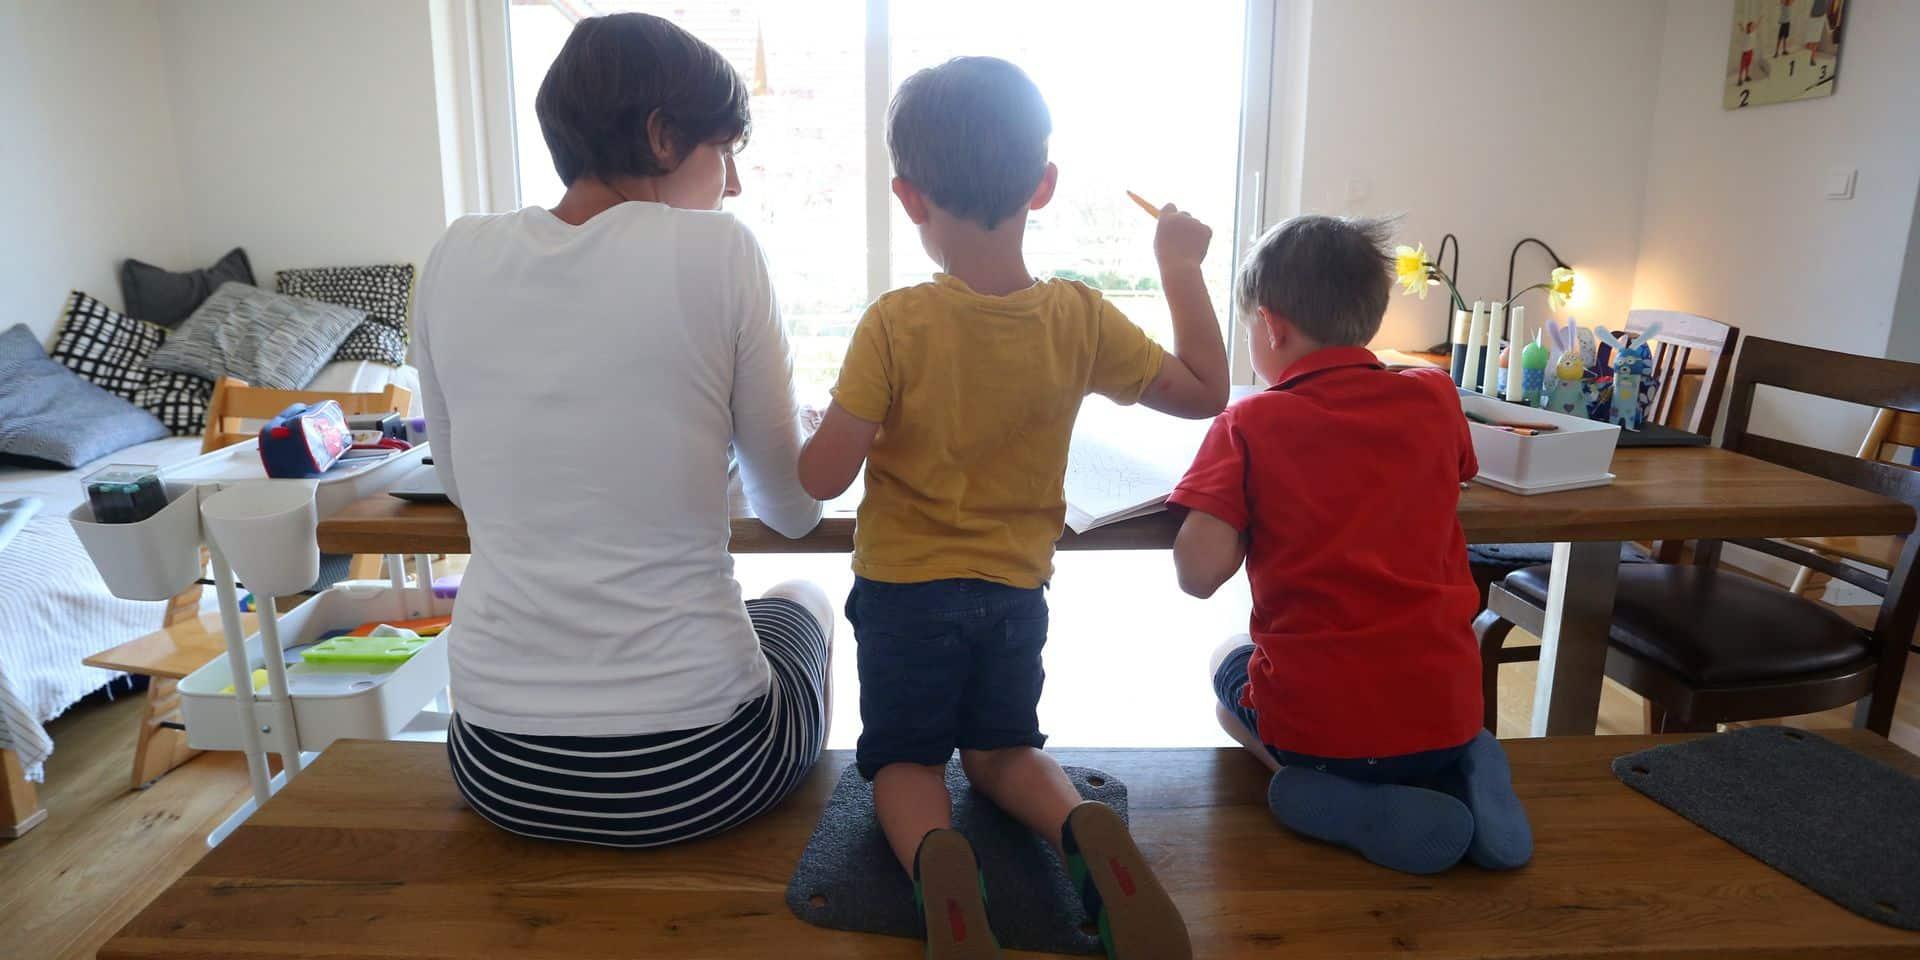 Coronavirus - At home with children